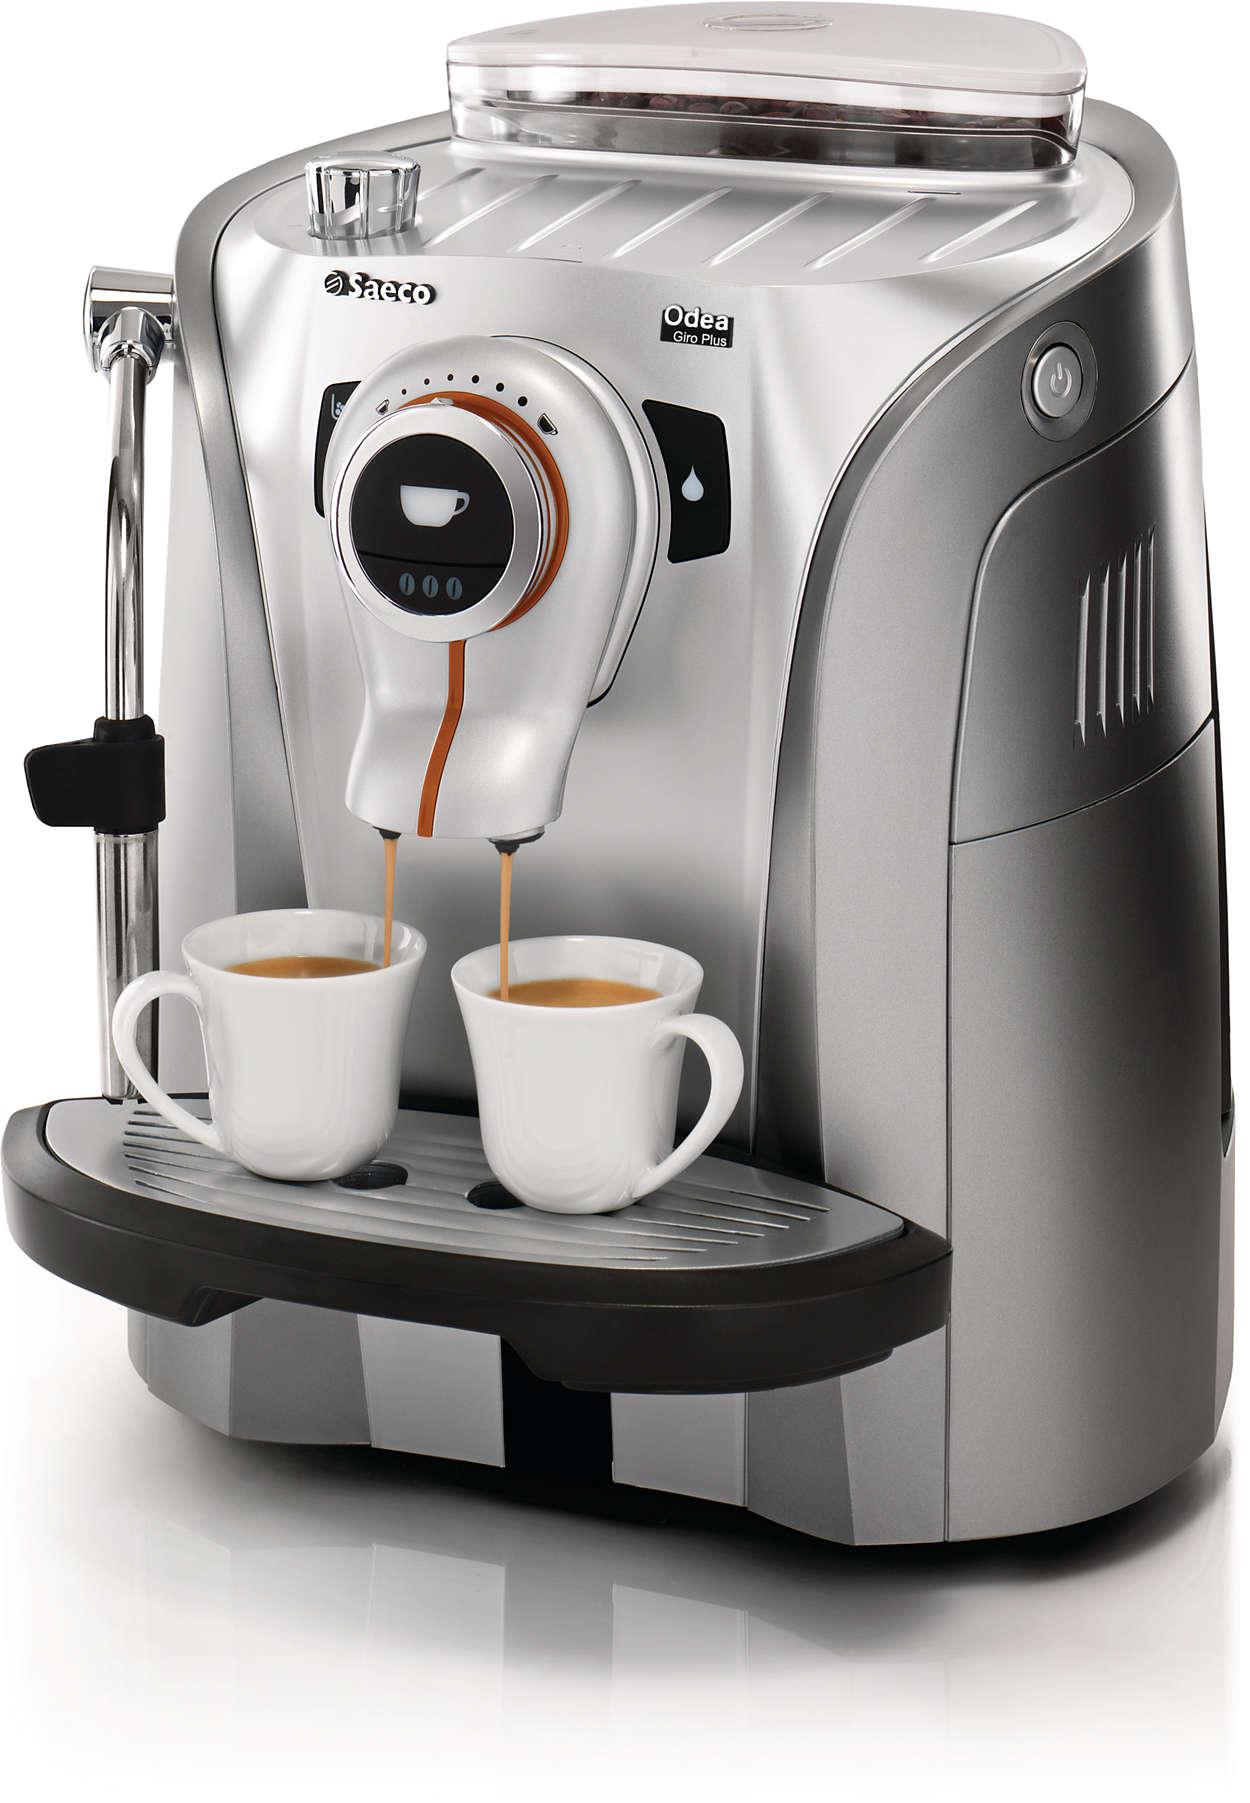 Espressomachine met een trendy en functioneel ontwerp